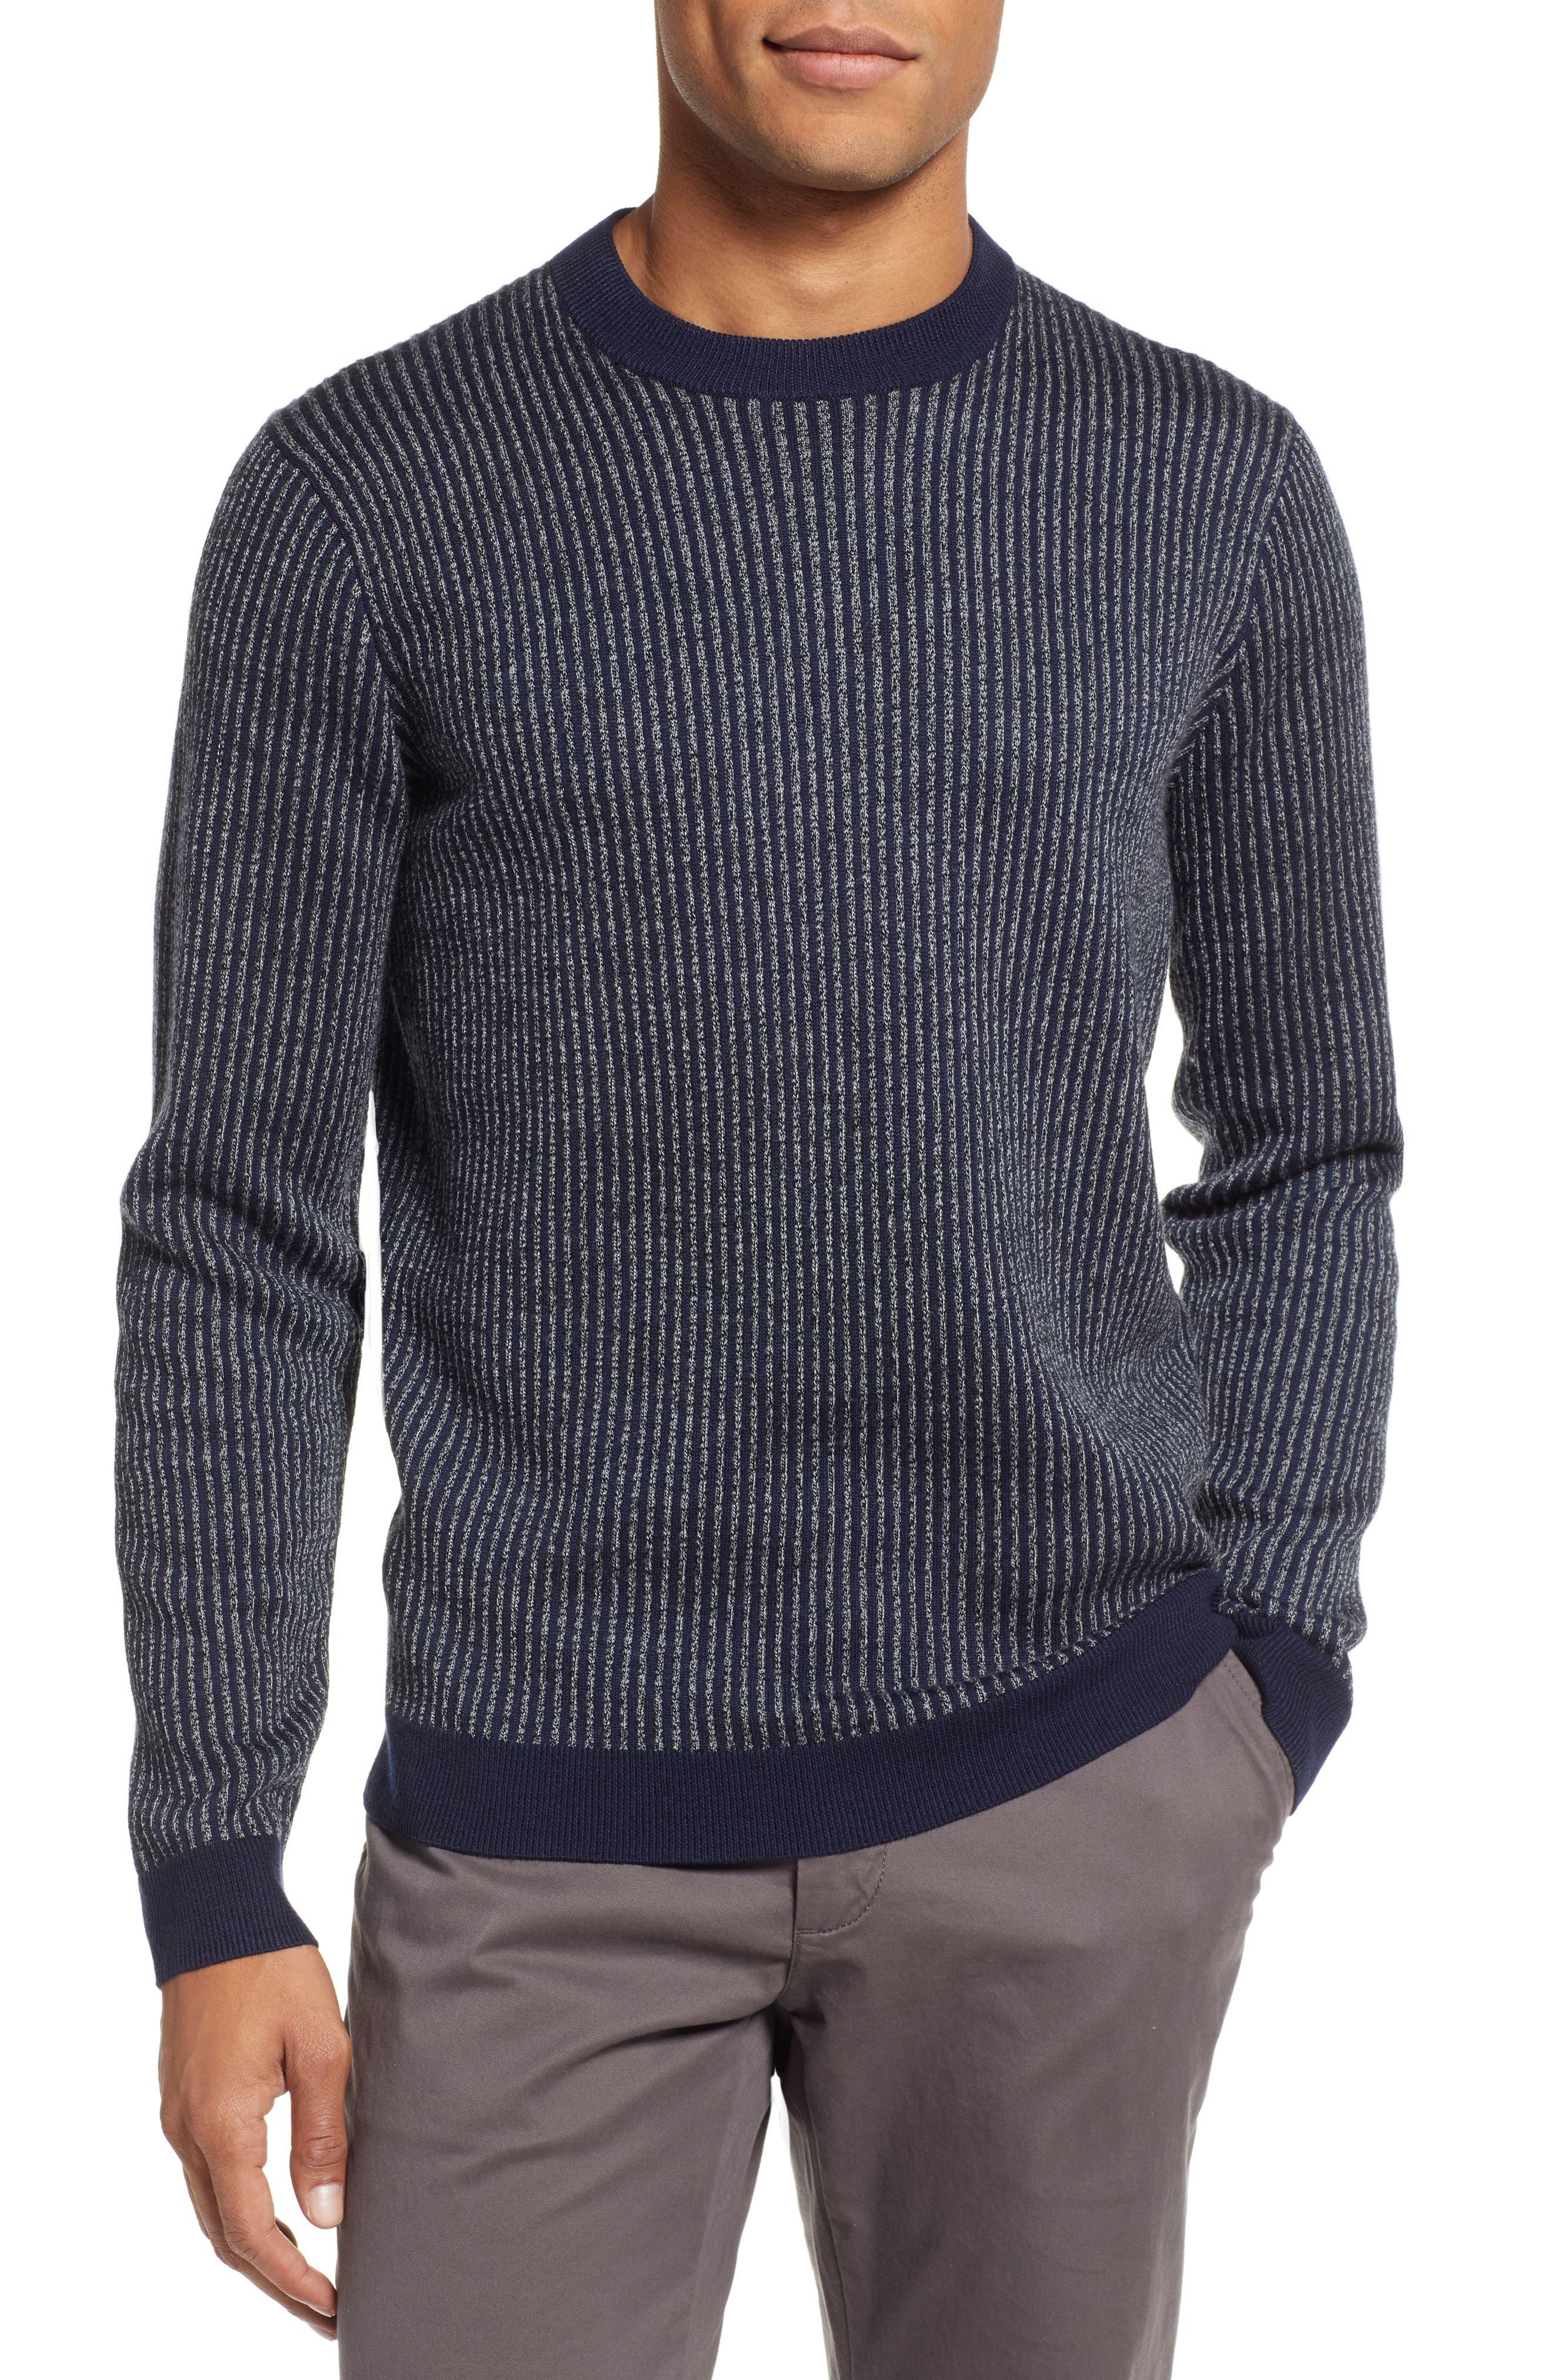 Jinxitt Crewneck Sweater,                         Main,                         color, NAVY